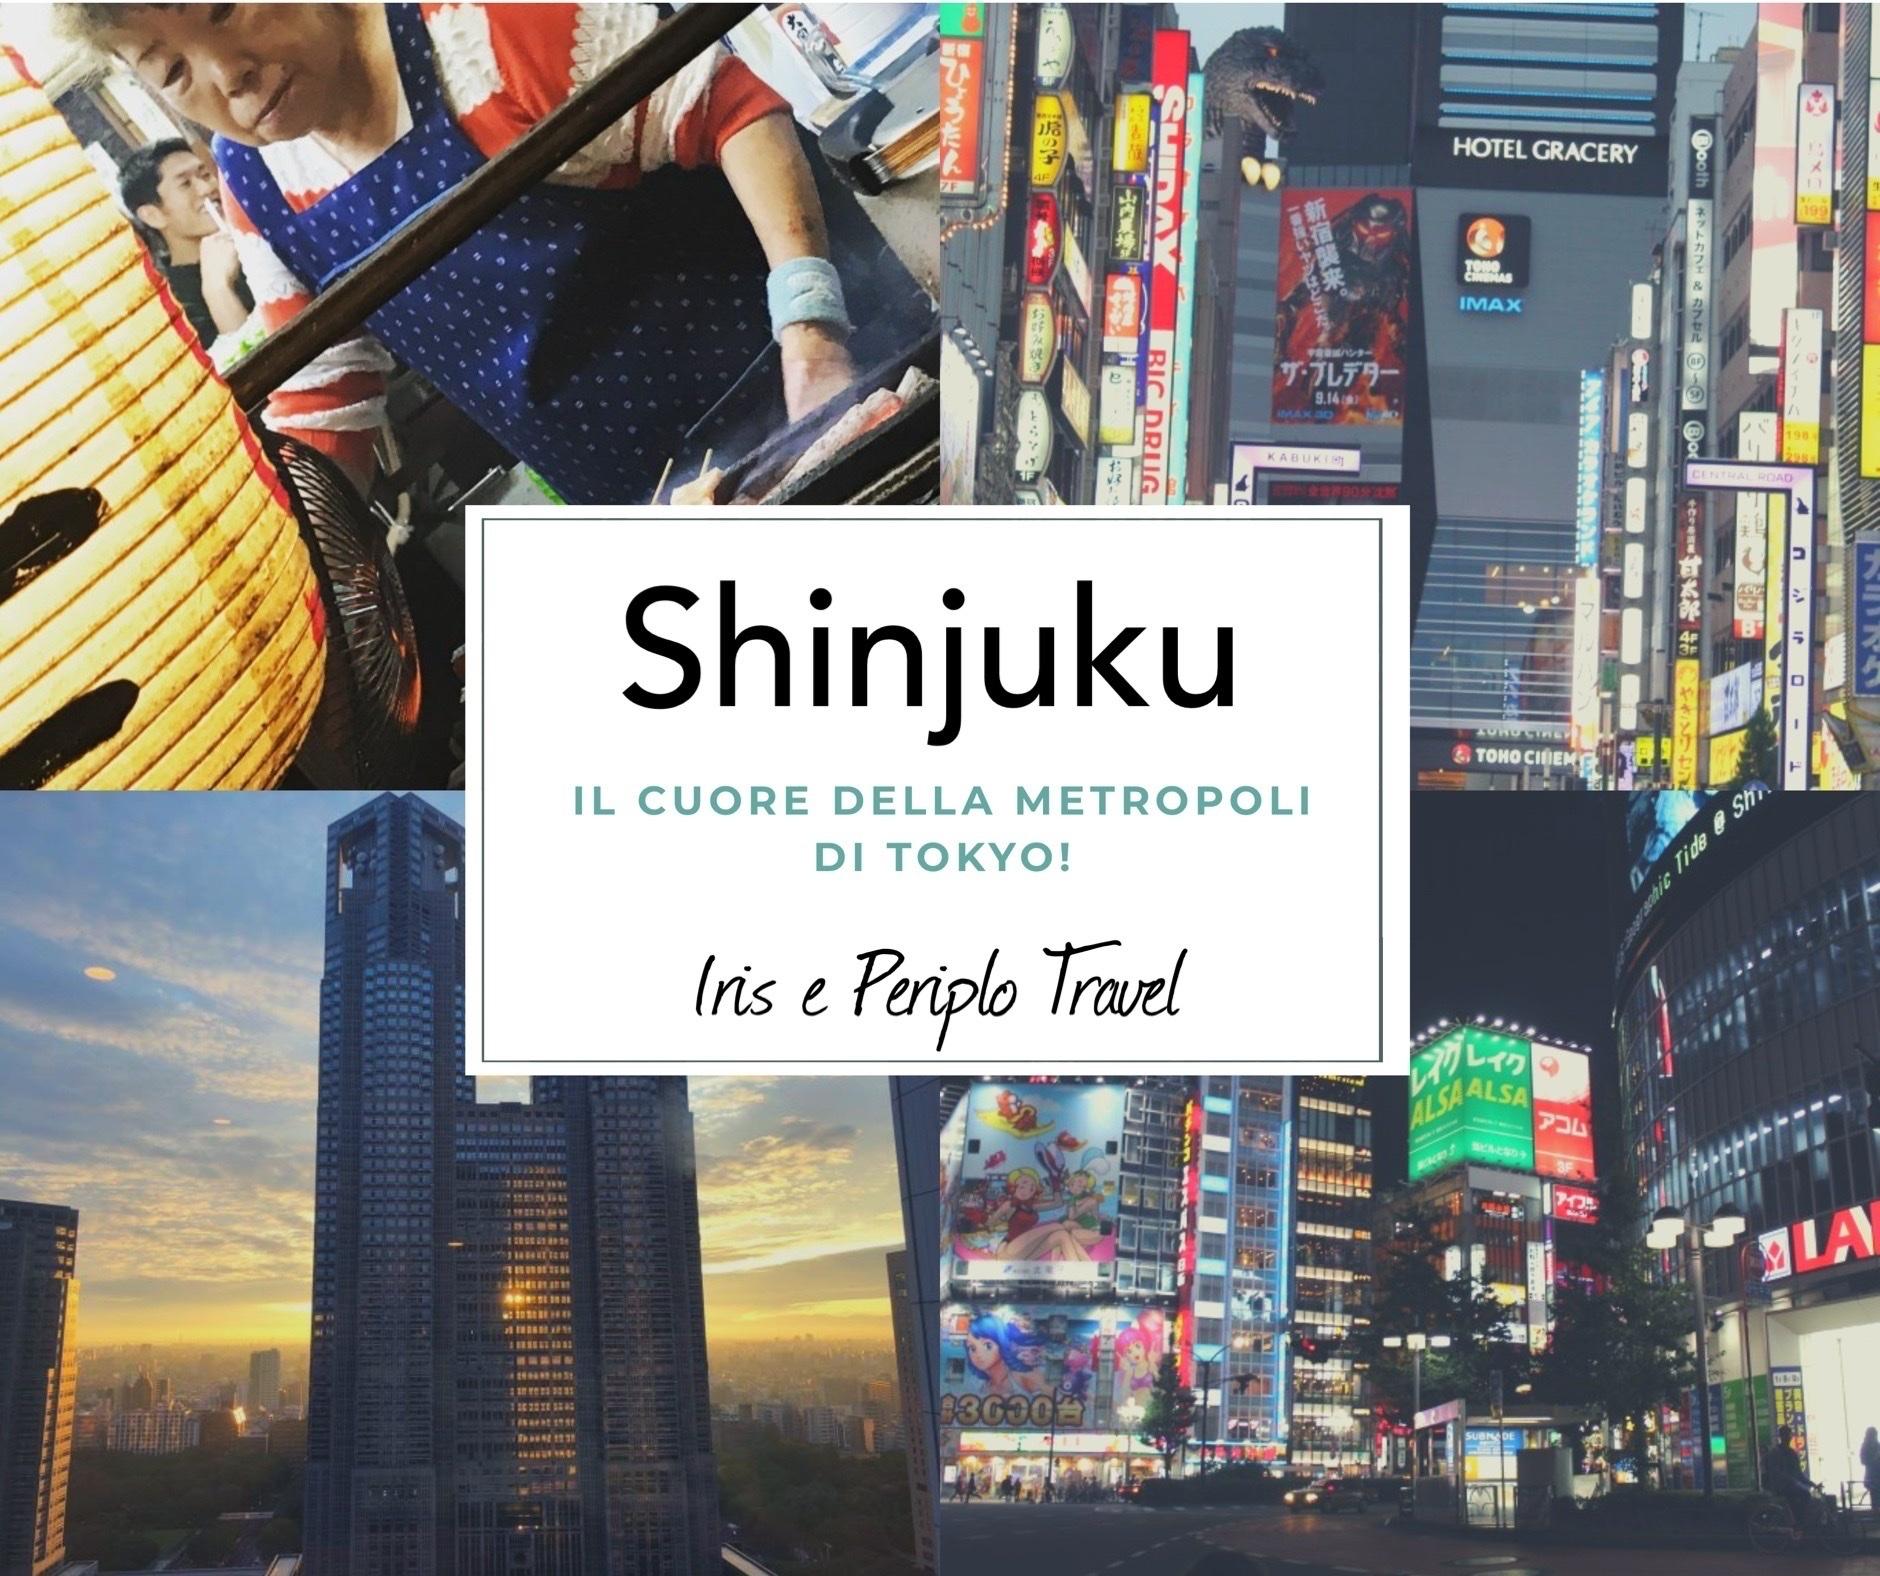 copertina shinjuku